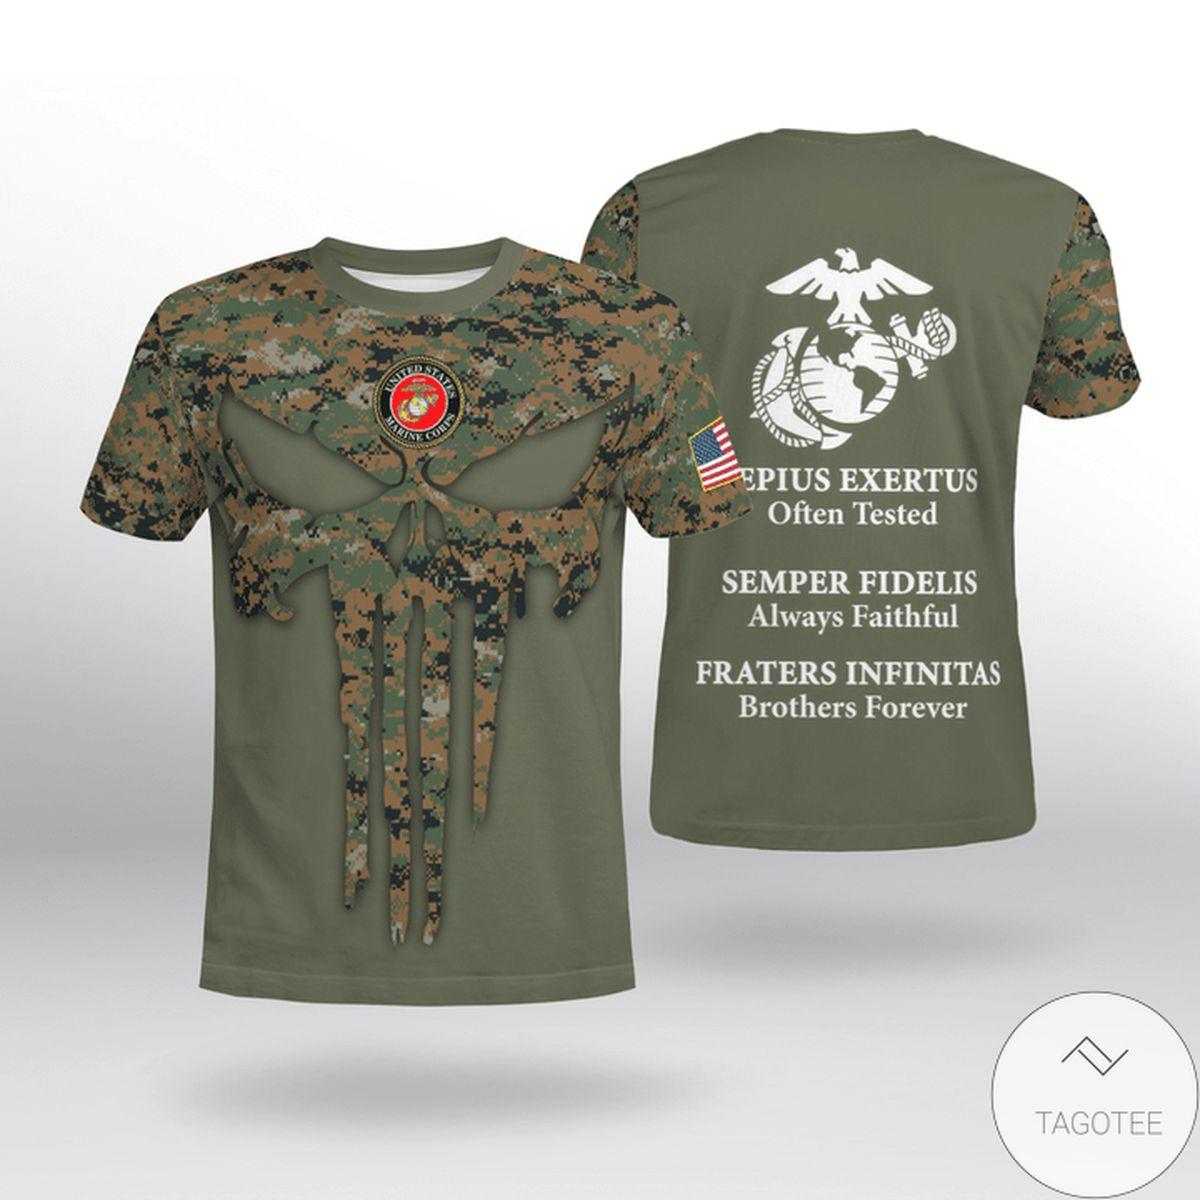 Clothing USMC  Saepius Exertus Often Tested Semper Fidelis Always Faithful Shirt